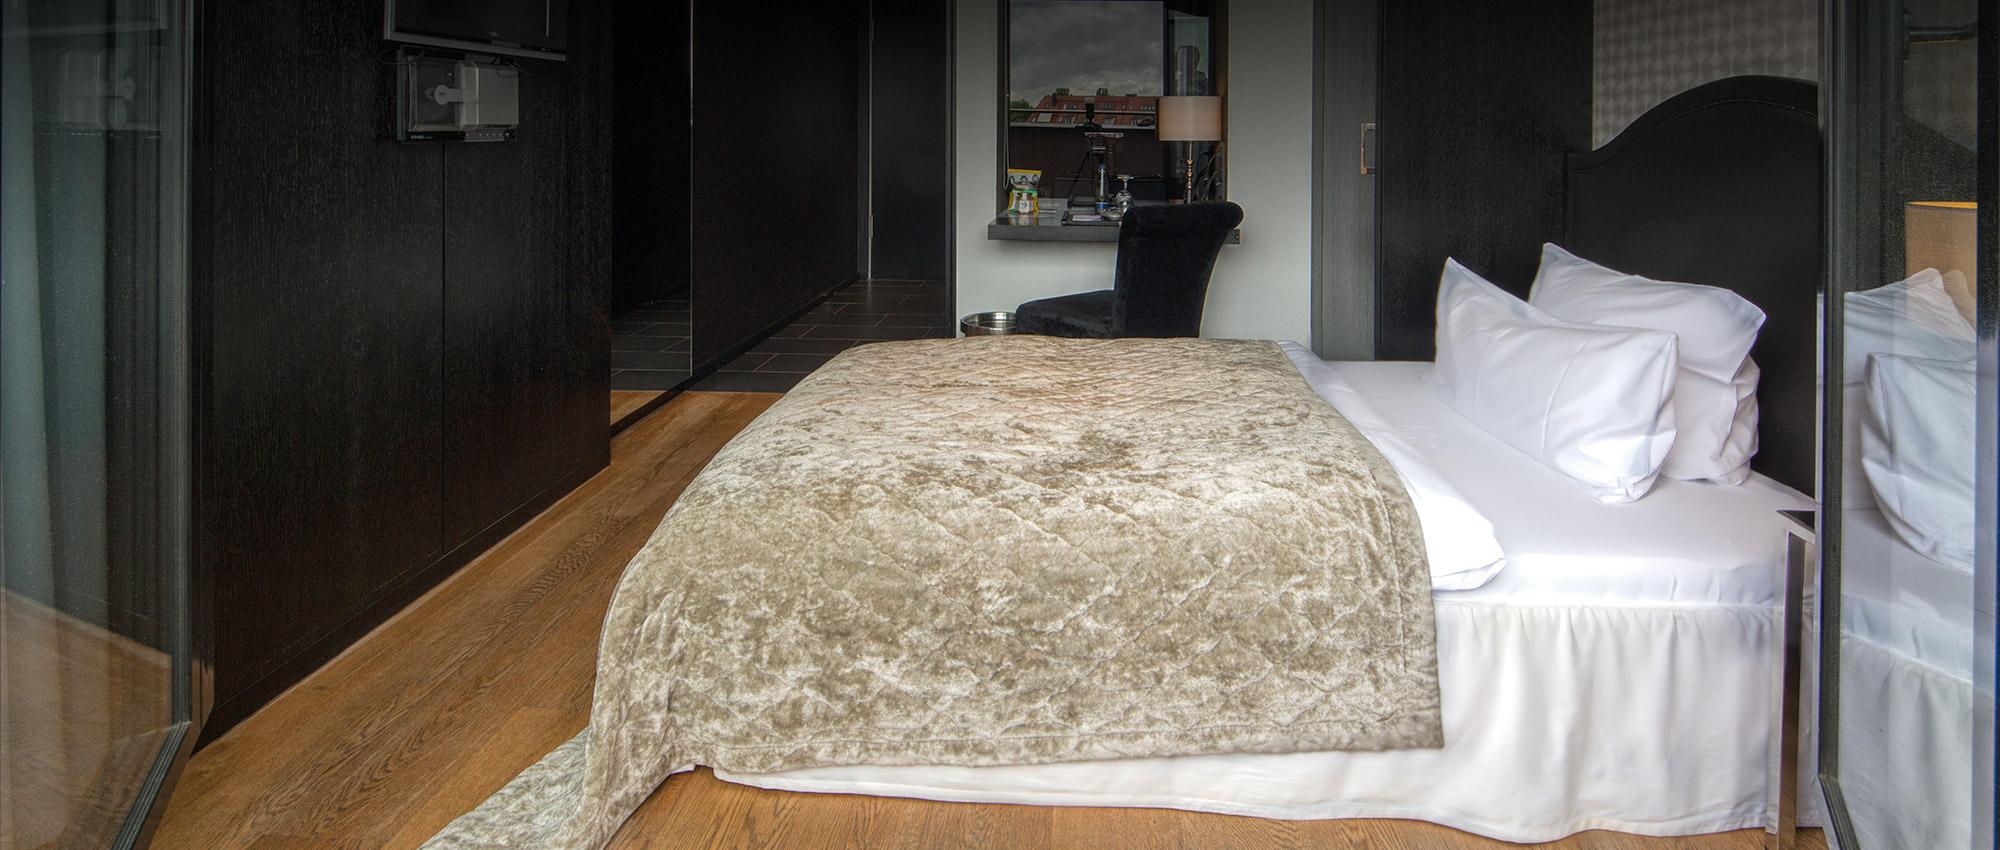 Die Zimmer im Hotel la maison München